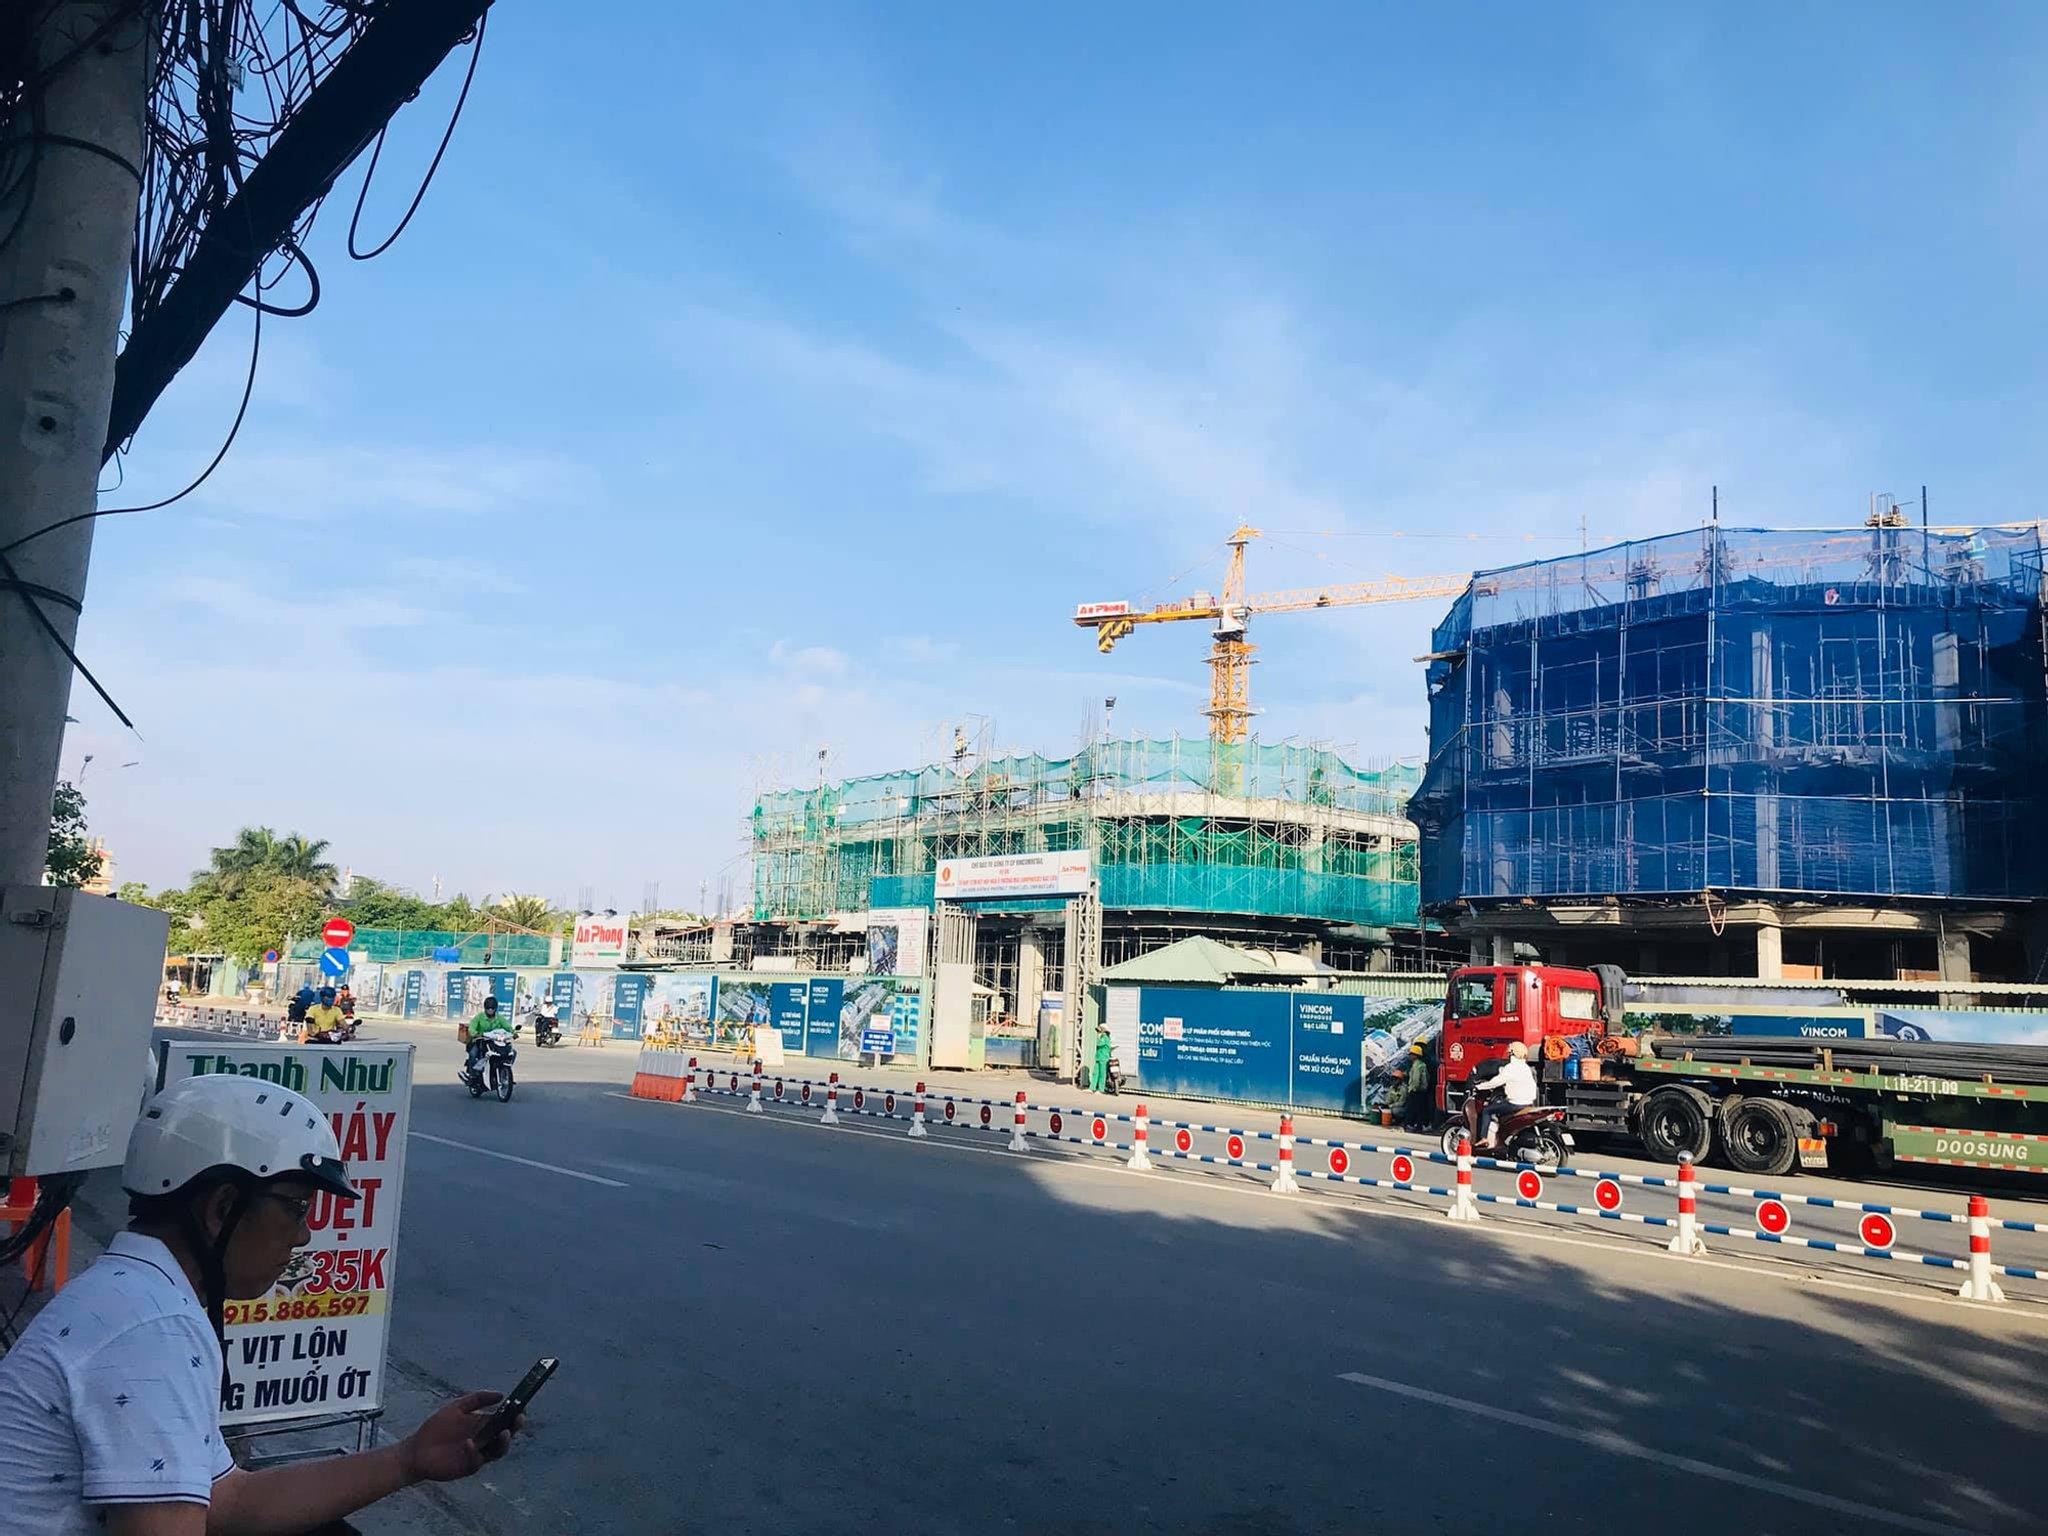 Vincom Bạc Liêu - Dự án Vincom Shophouse Bạc Liêu, Trần Phú, Bạc Liêu